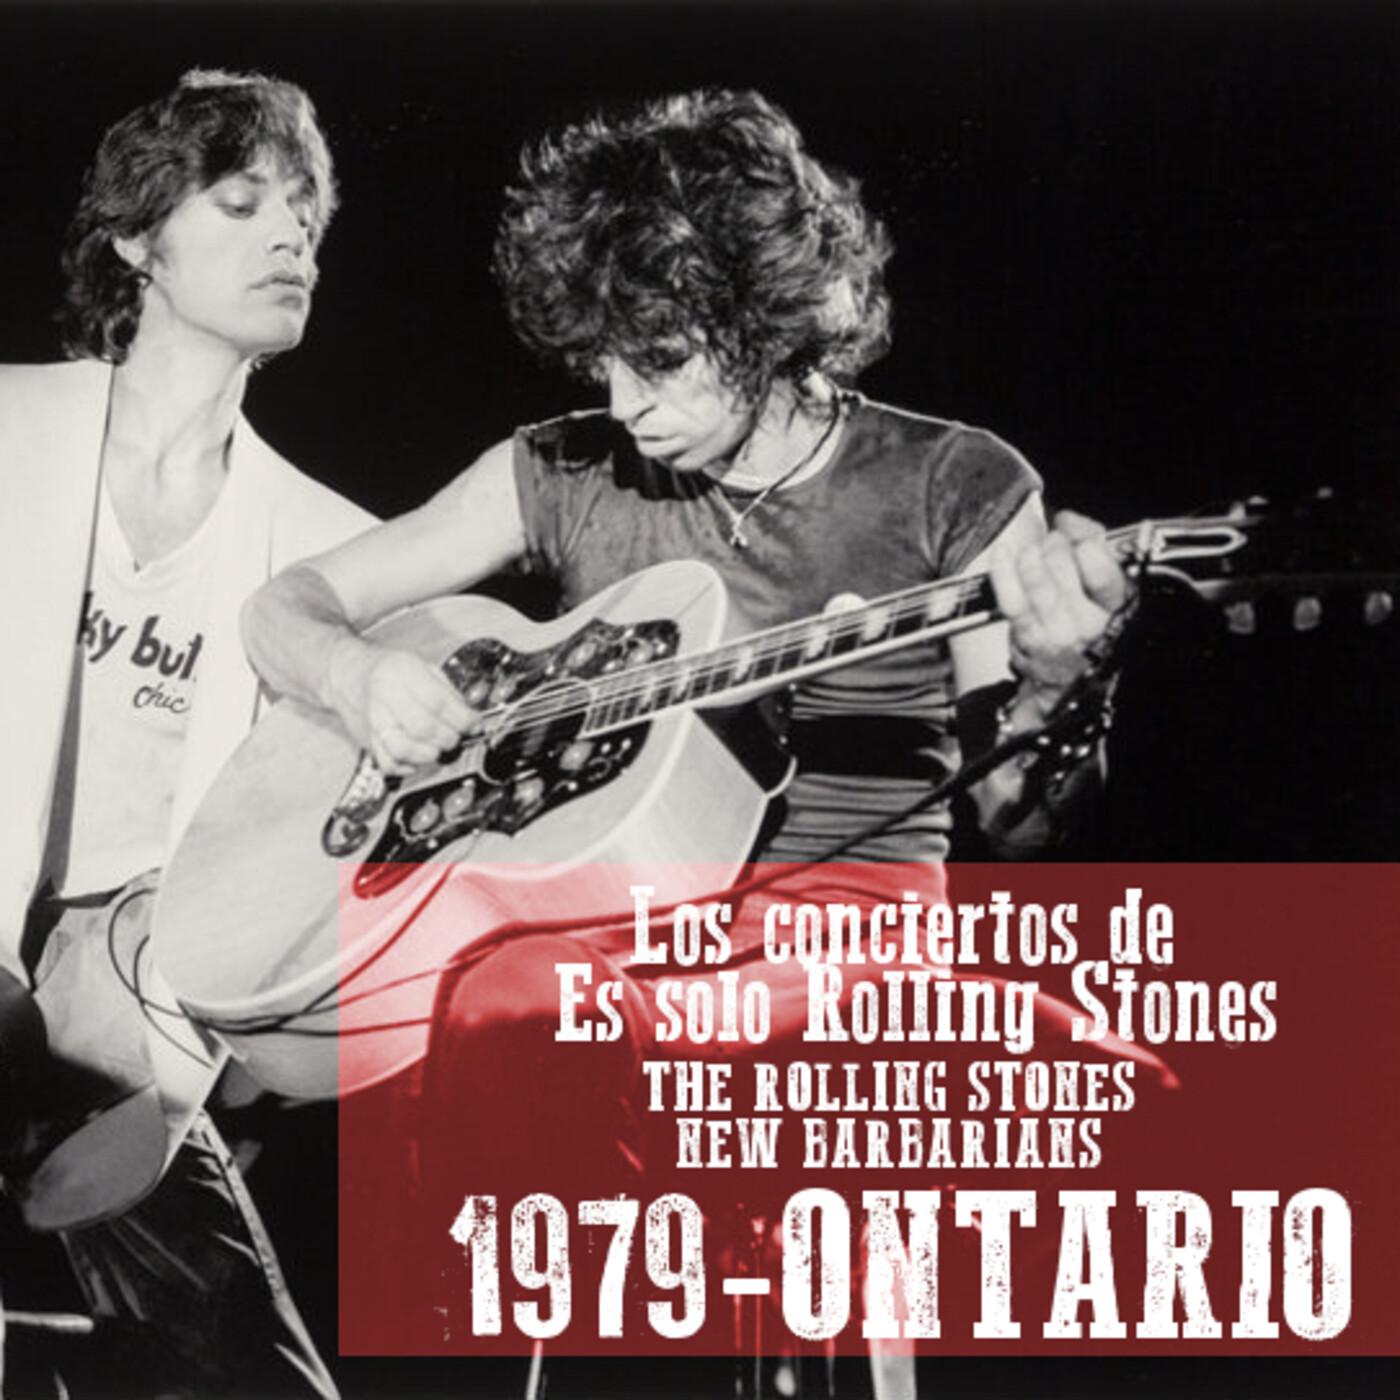 ONTARIO 1979 (The New Barbarians - Rolling Stones) - Los conciertos de Es solo Rolling Stones